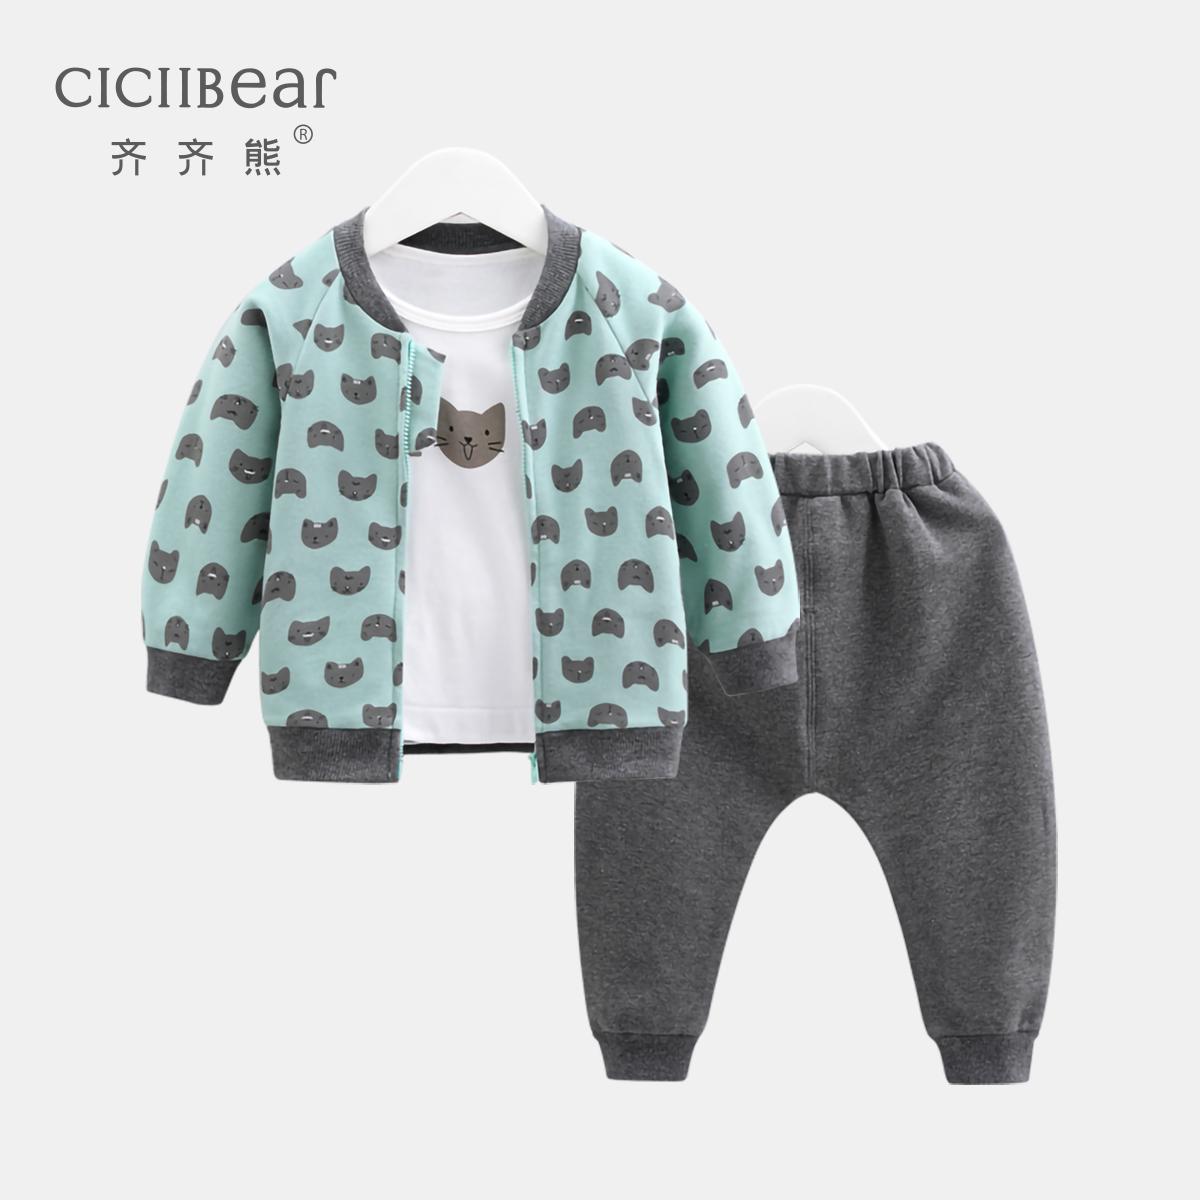 齐齐熊 男女宝宝秋装运动卫衣套装卡通猫咪印花婴幼儿外出三件套